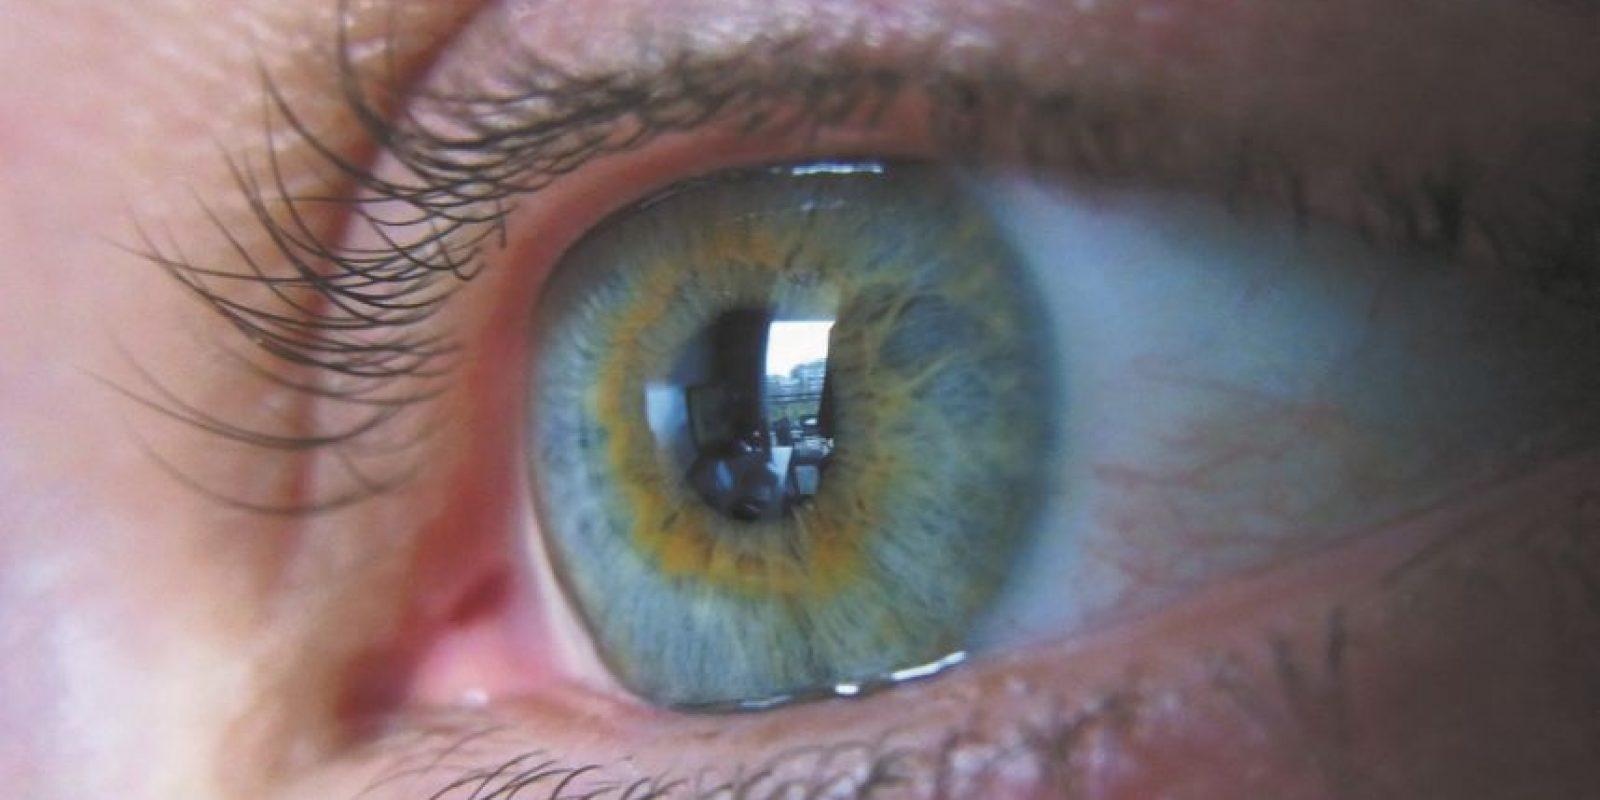 1- Alteraciones visuales agudas. La visión borrosa o ceguera de instalación súbita, en uno o ambos ojos, son síntomas de esta enfermedad autoinmune que afecta al sistema nervioso central. Foto:Fuente externa